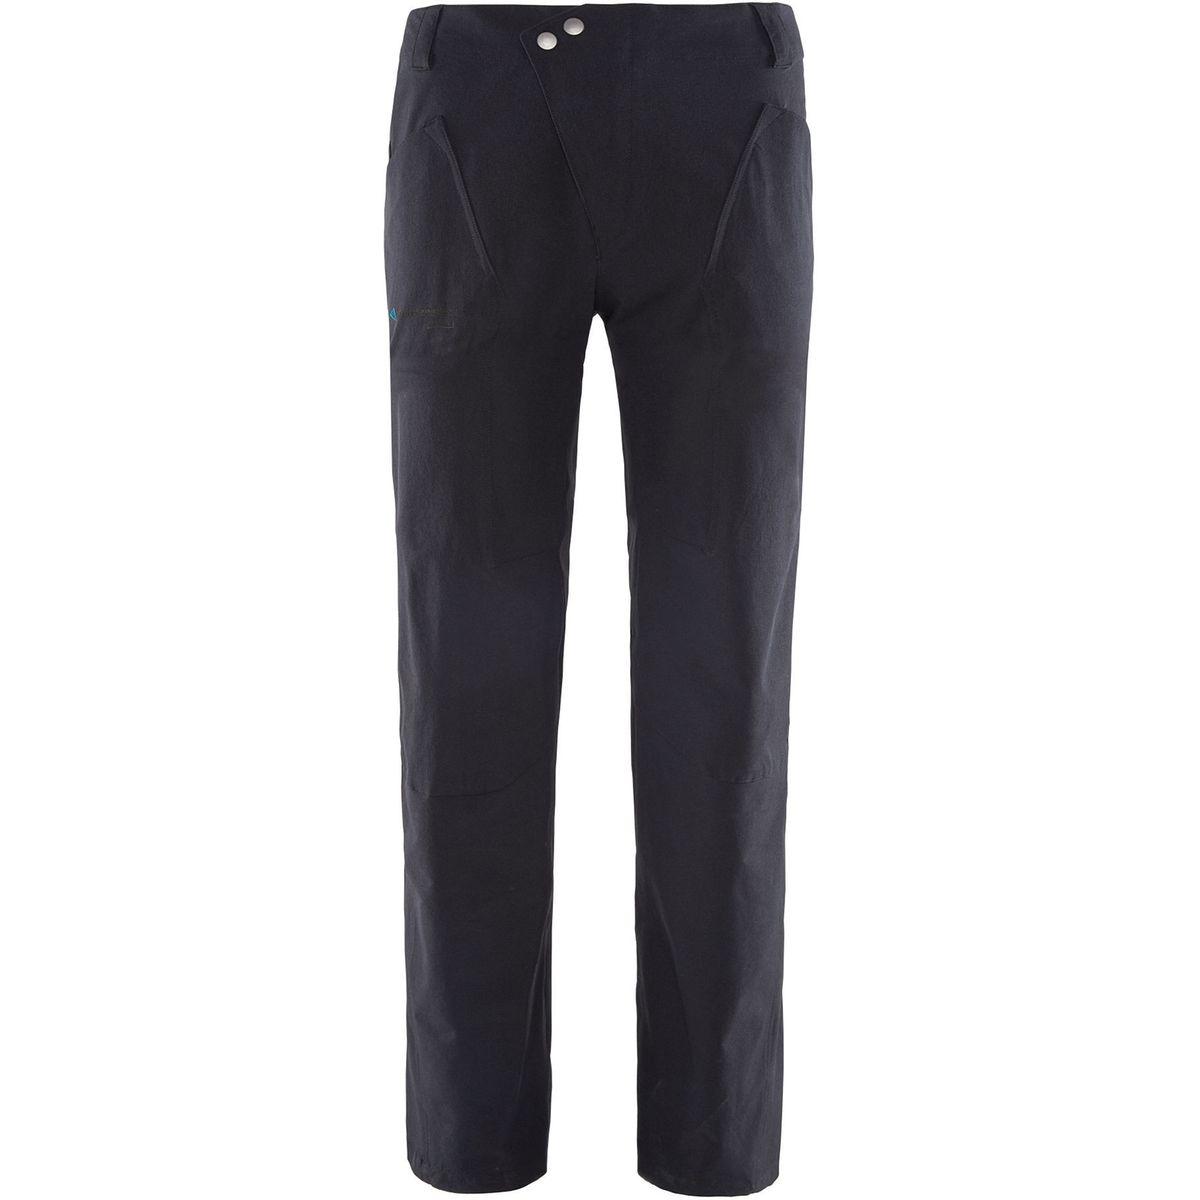 Magne - Pantalon Homme - noir